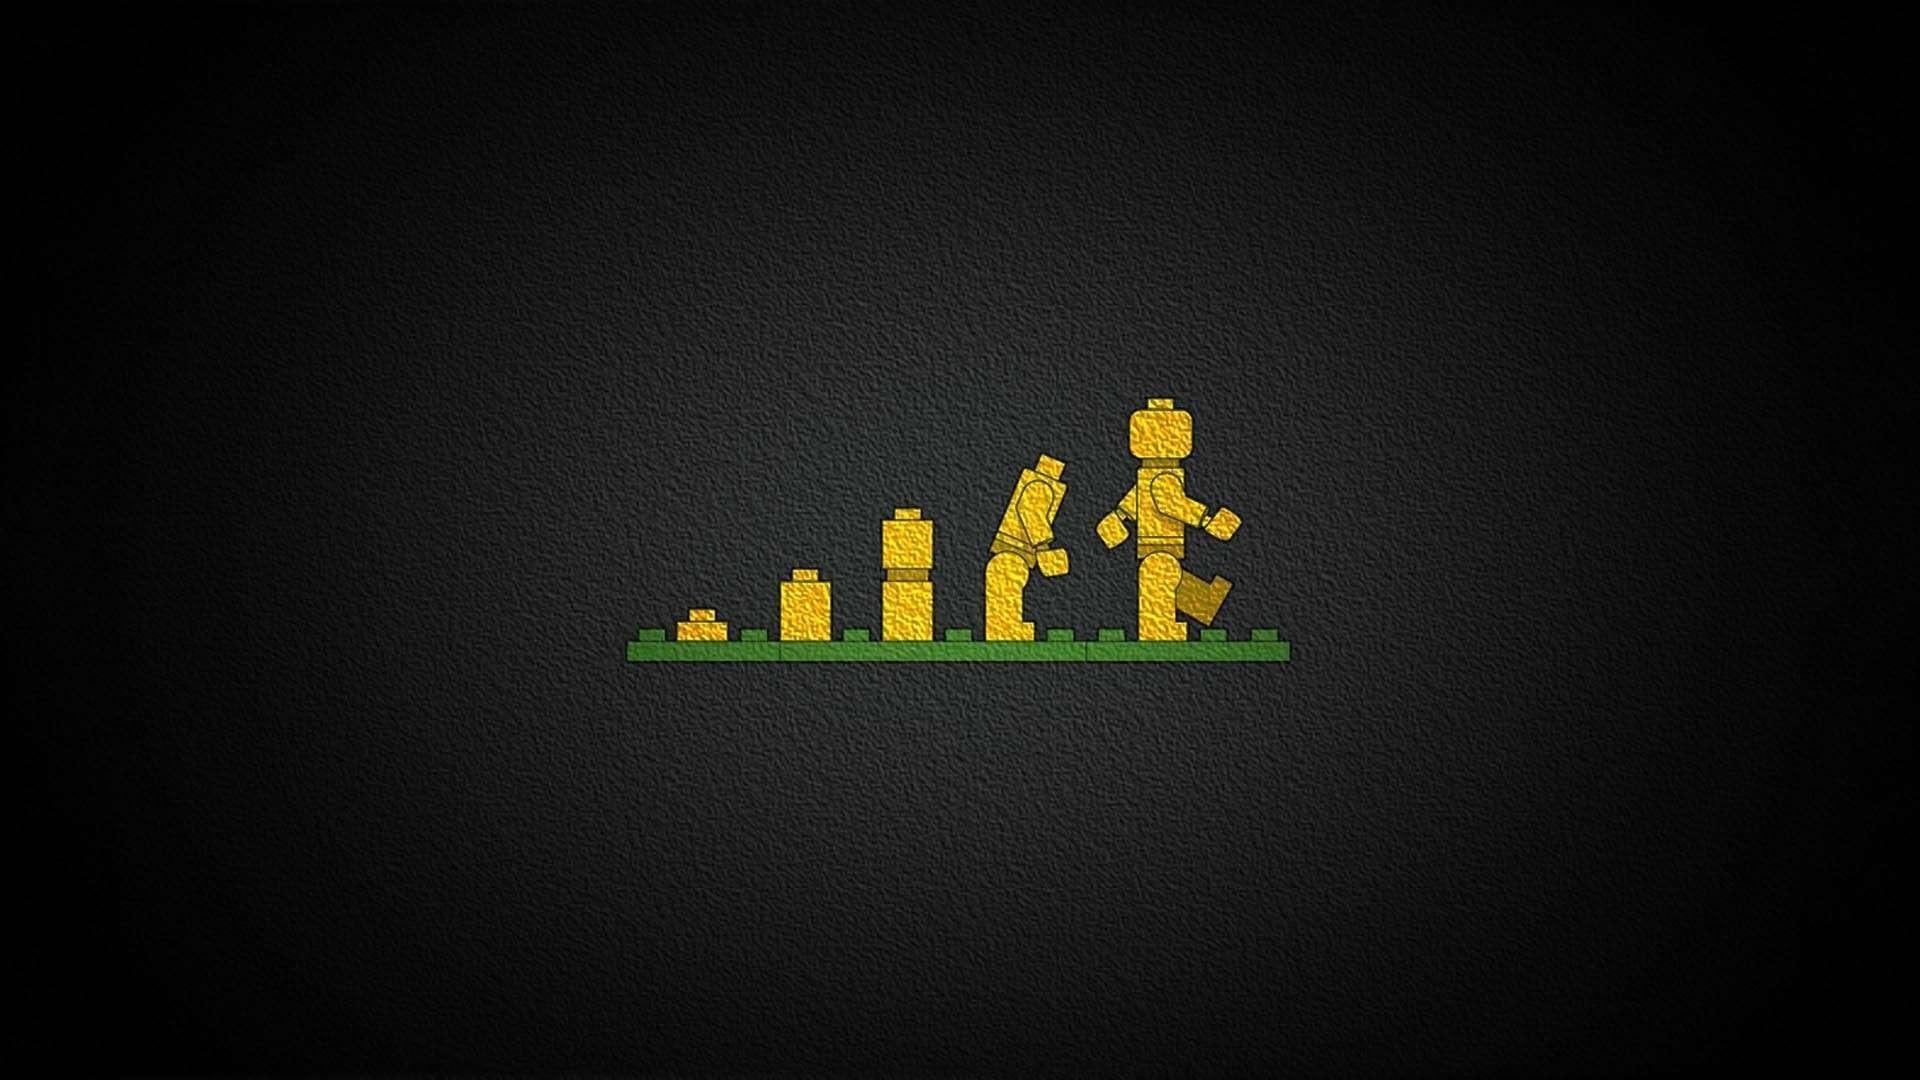 lego kids children toys evolution bricks childhood fun